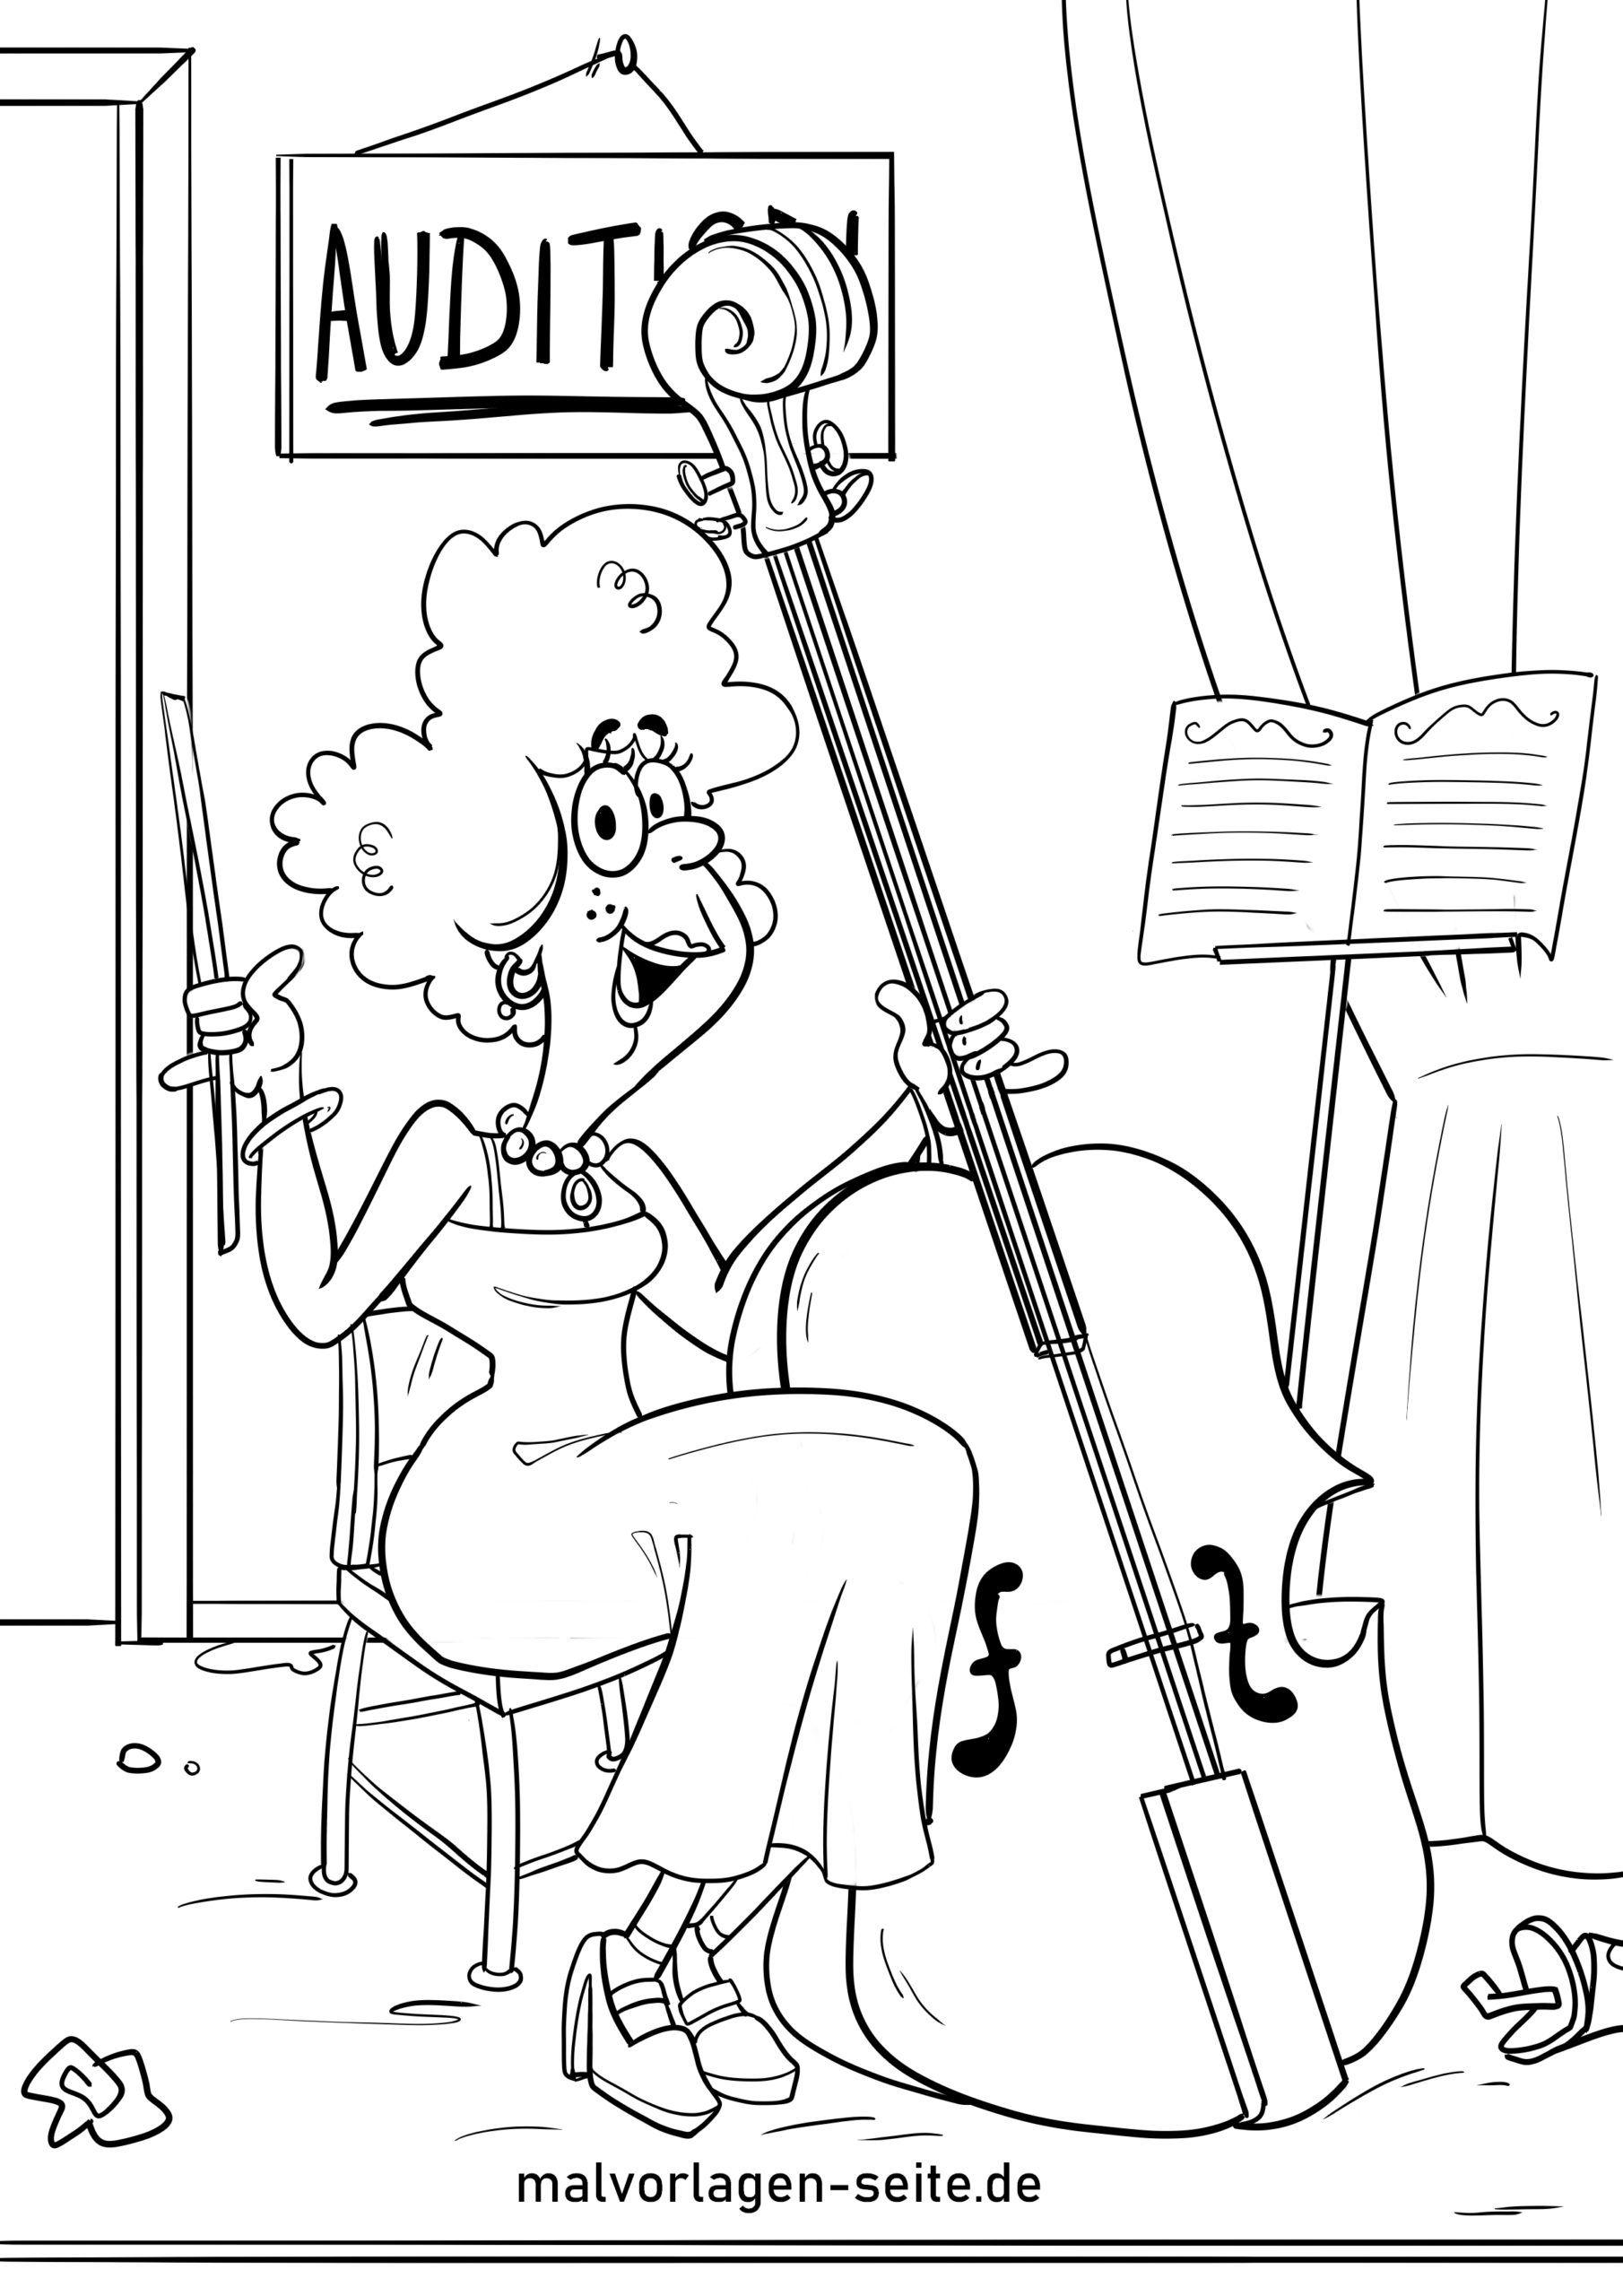 Malvorlage Kontrabass  Musikinstrumente - Kostenlose Ausmalbilder